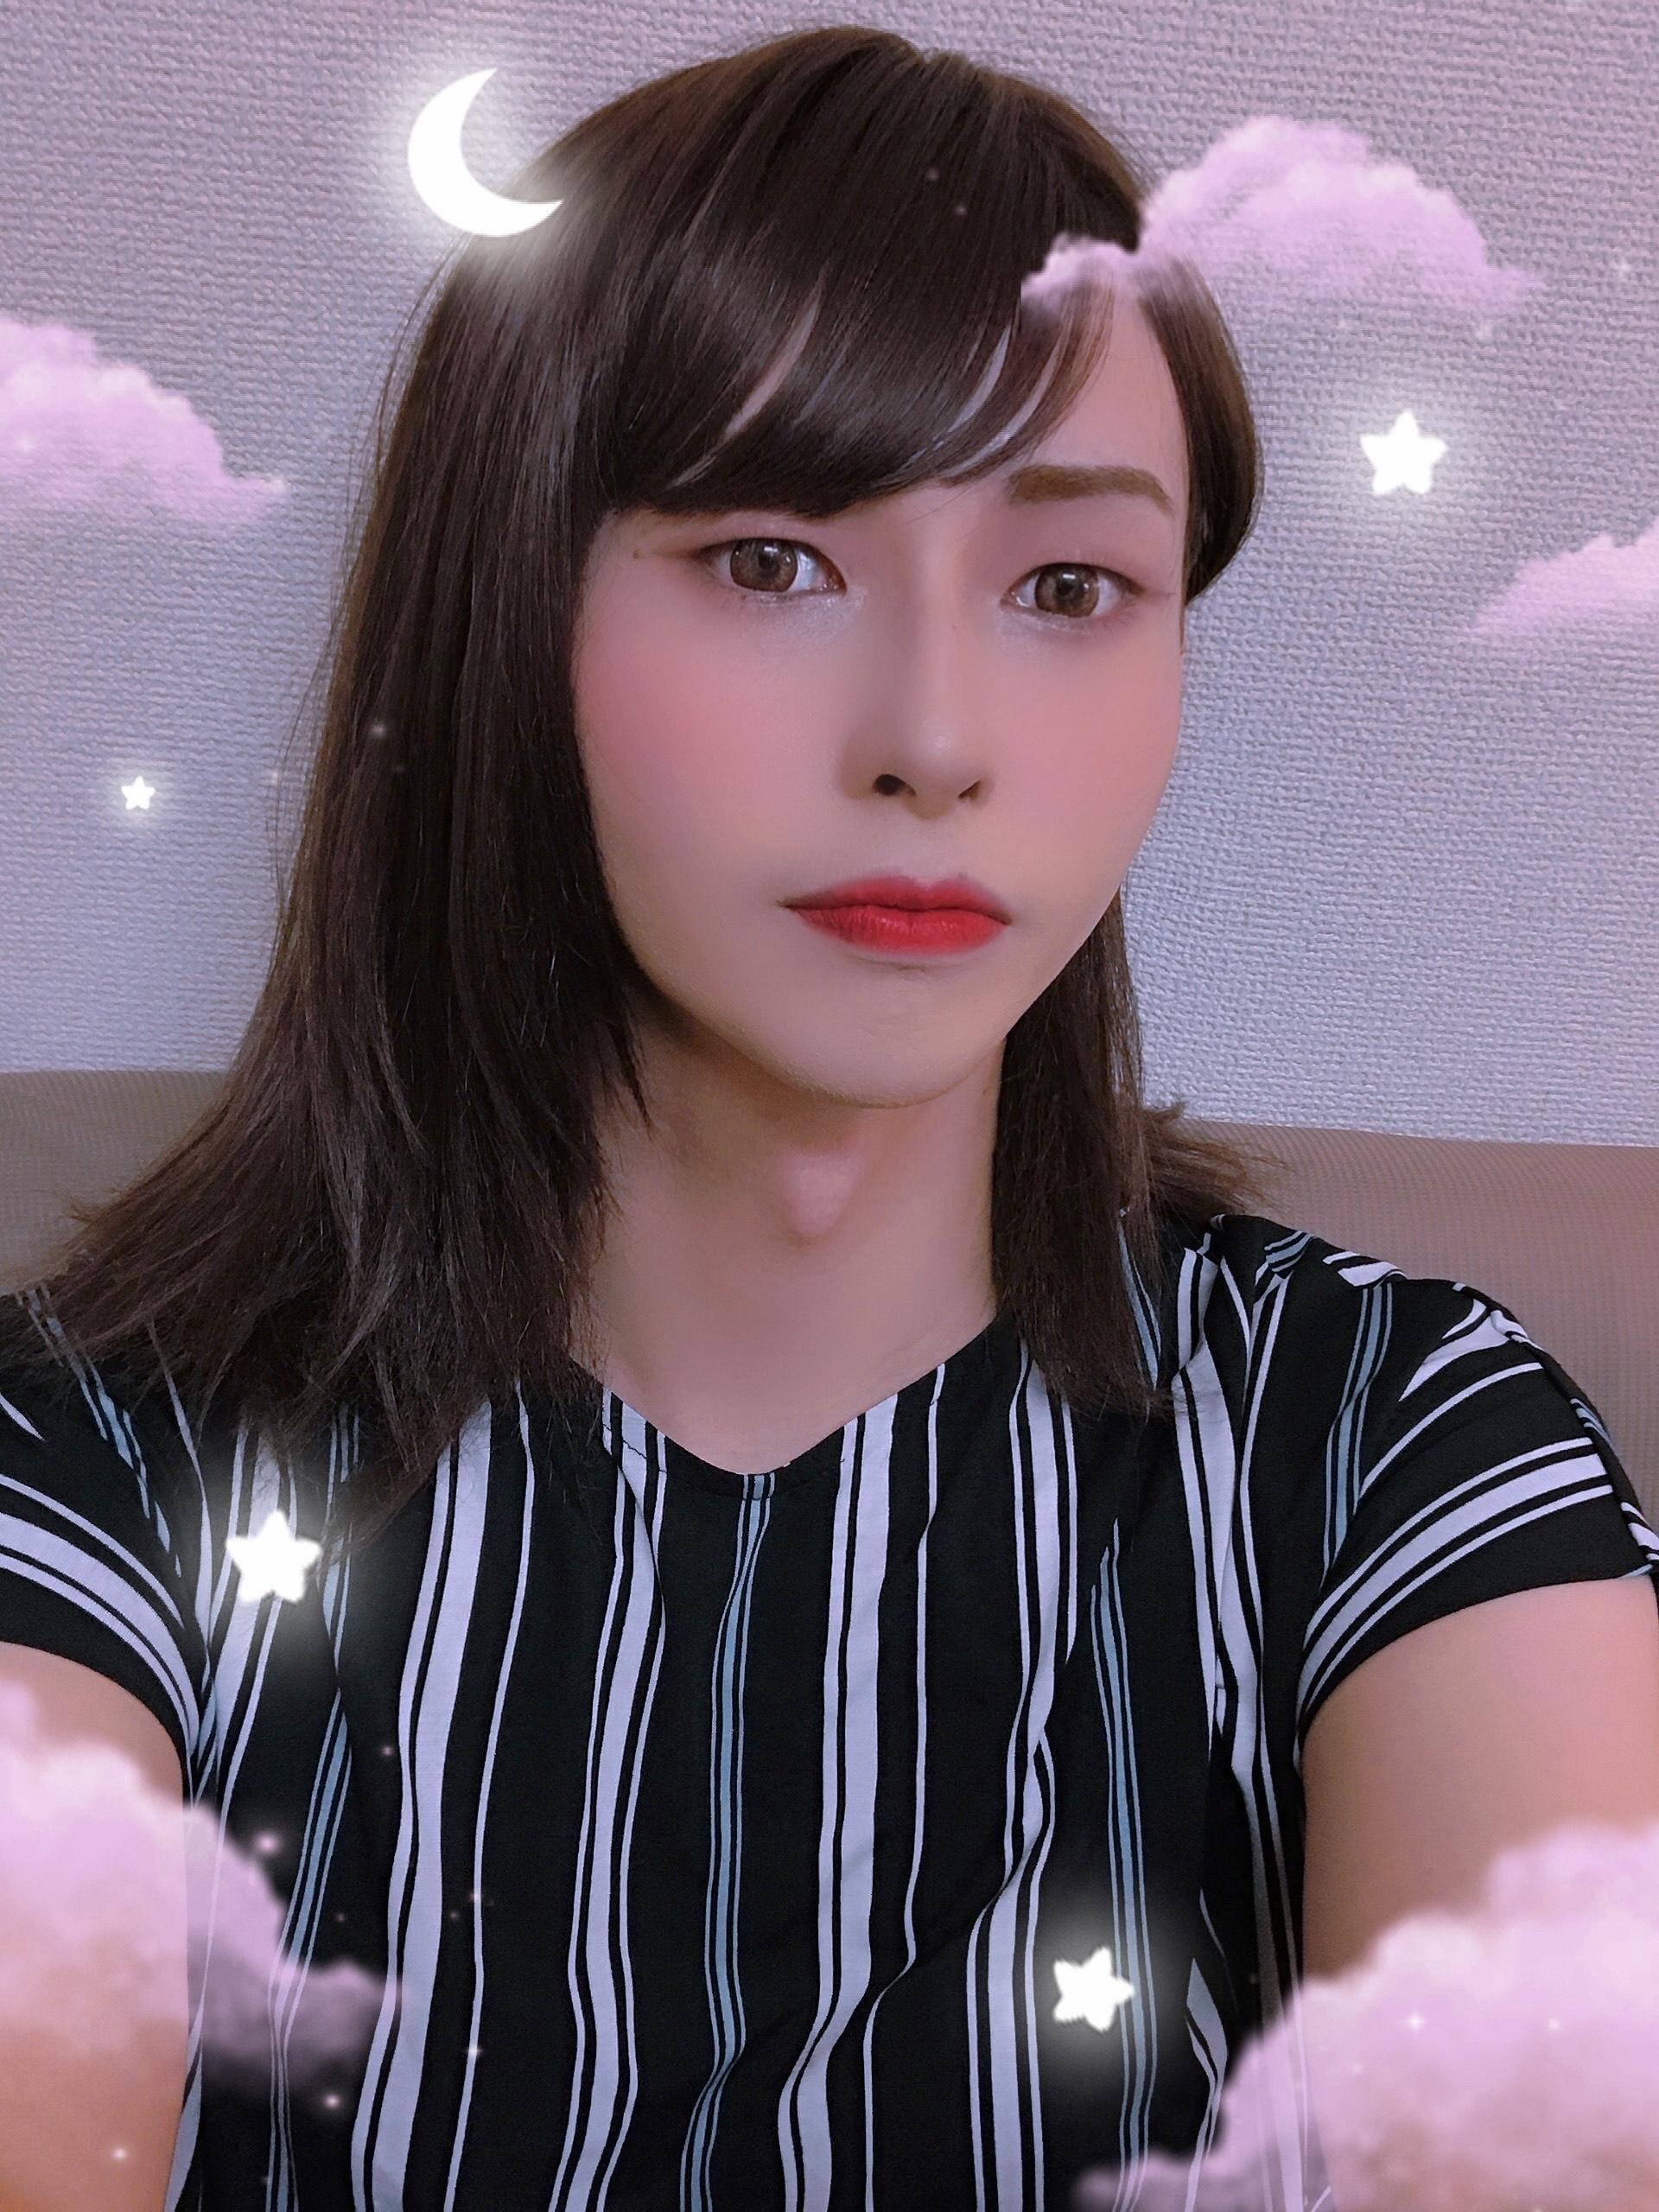 「こんばんは」09/27(月) 18:28 | さやかの写メ